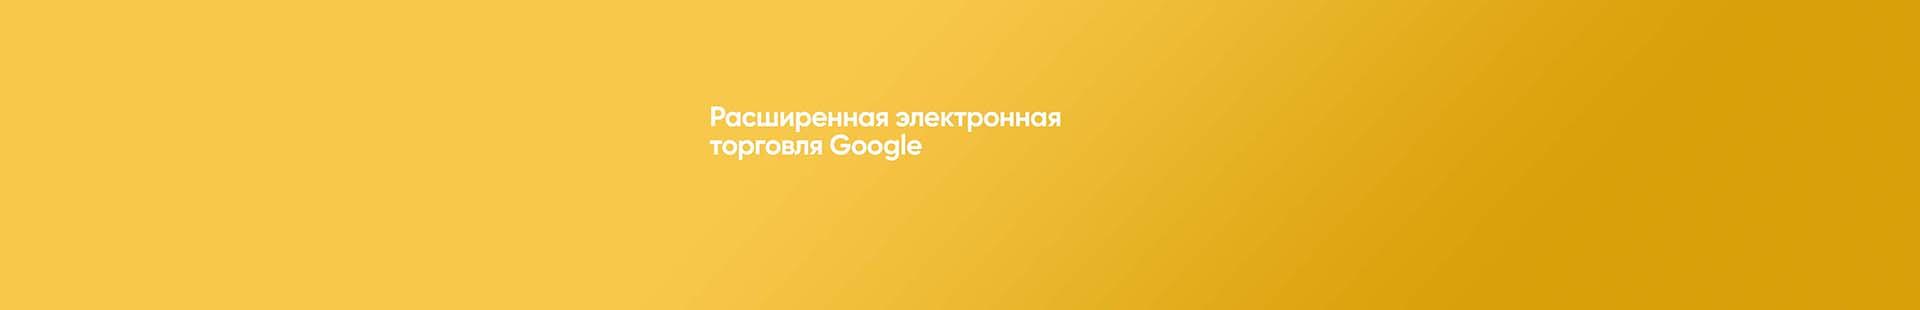 Расширенная электронная торговля Google